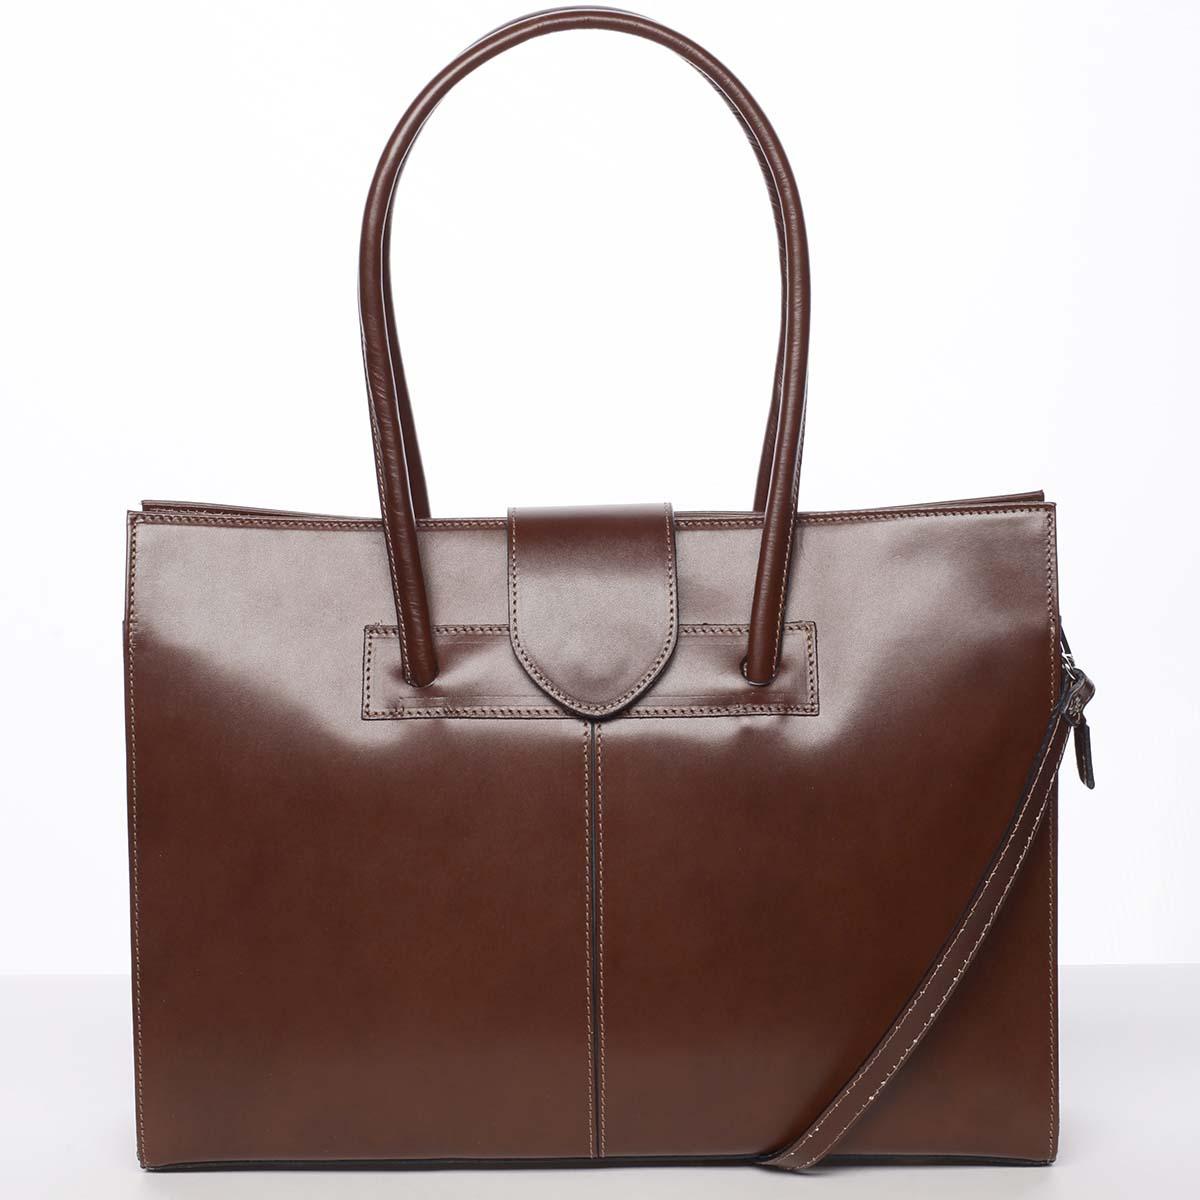 Elegantní a módní dámská kožená kabelka hnědá - ItalY Alison